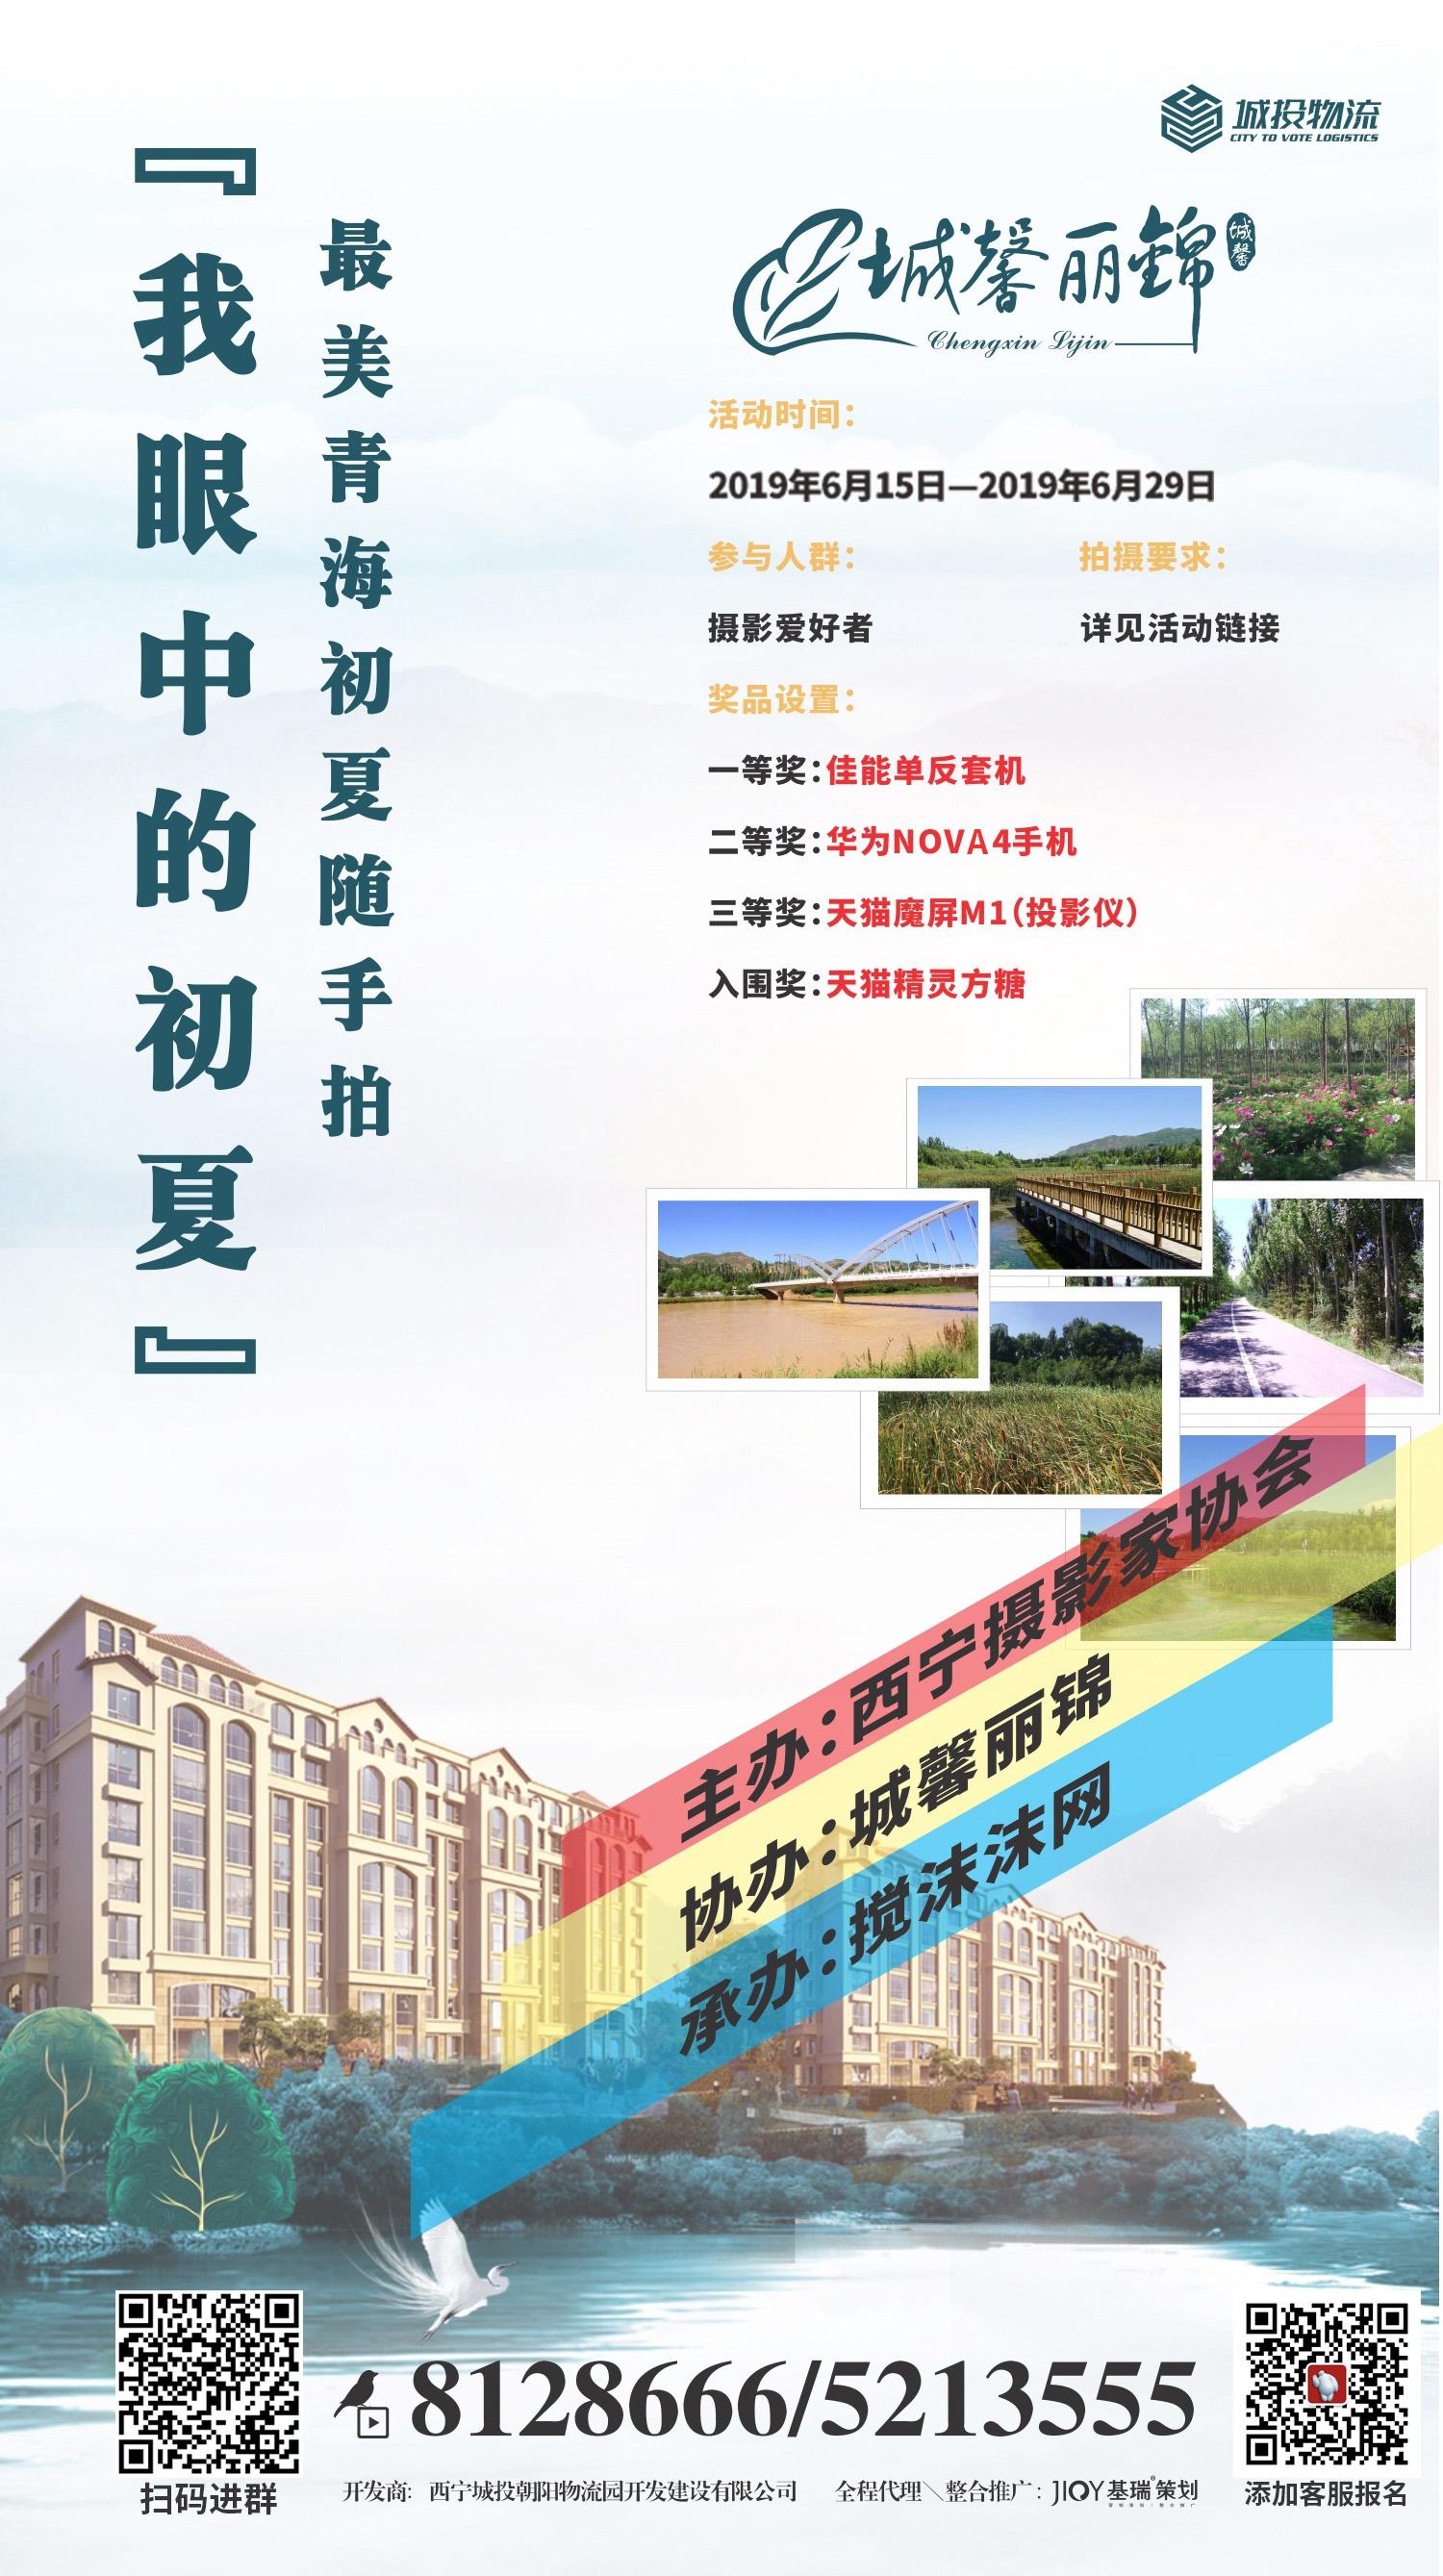 城馨丽锦2019初夏摄影大赛预热---摄出风采,影动生活